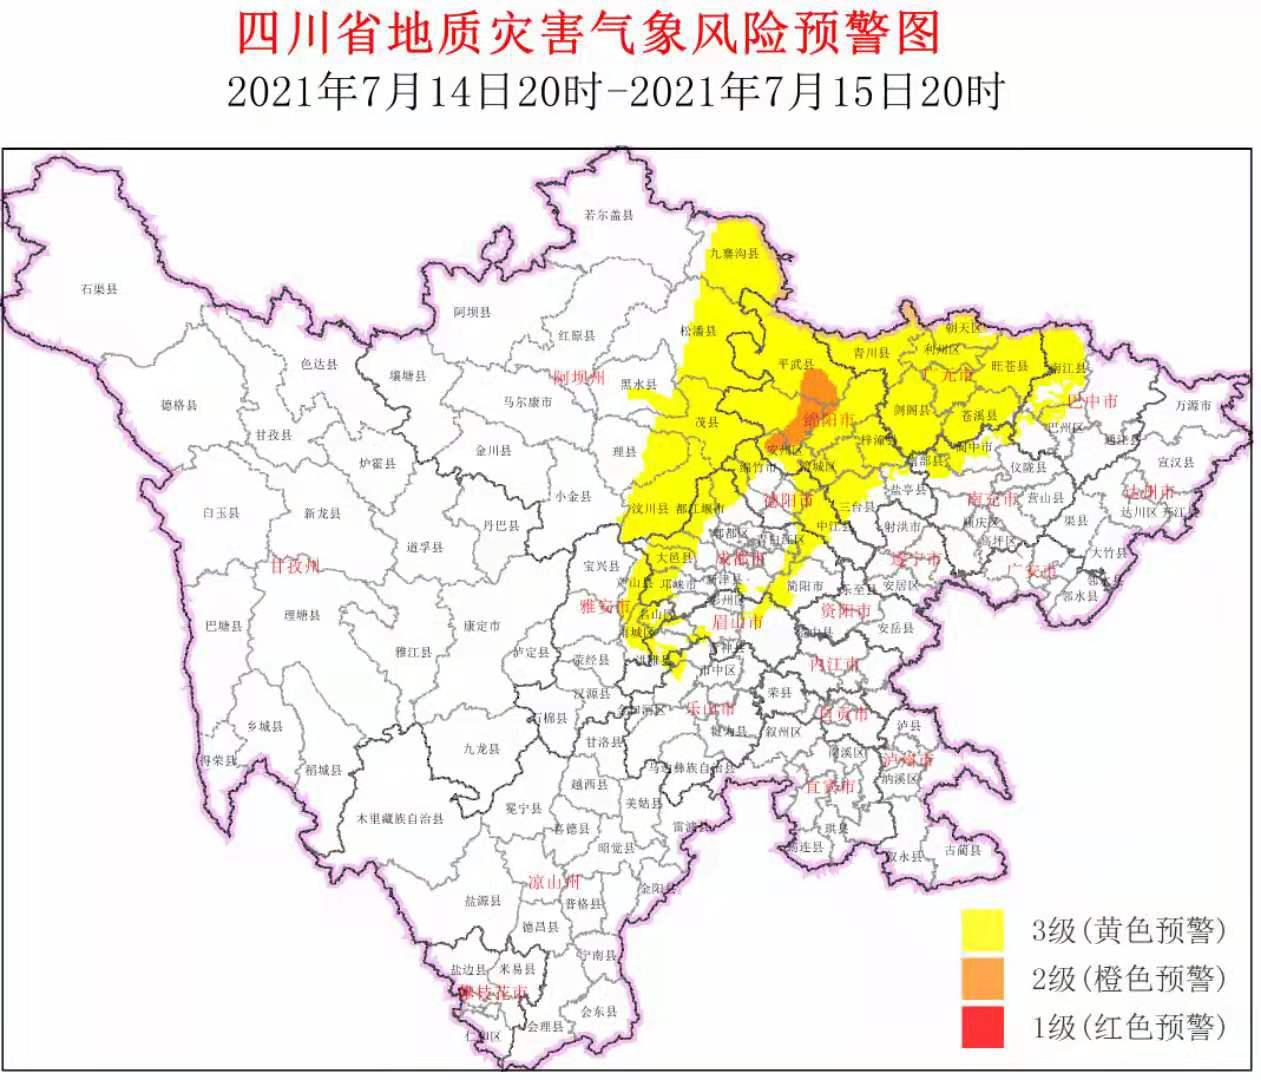 暴雨袭川,四川再次发布地灾橙色预警